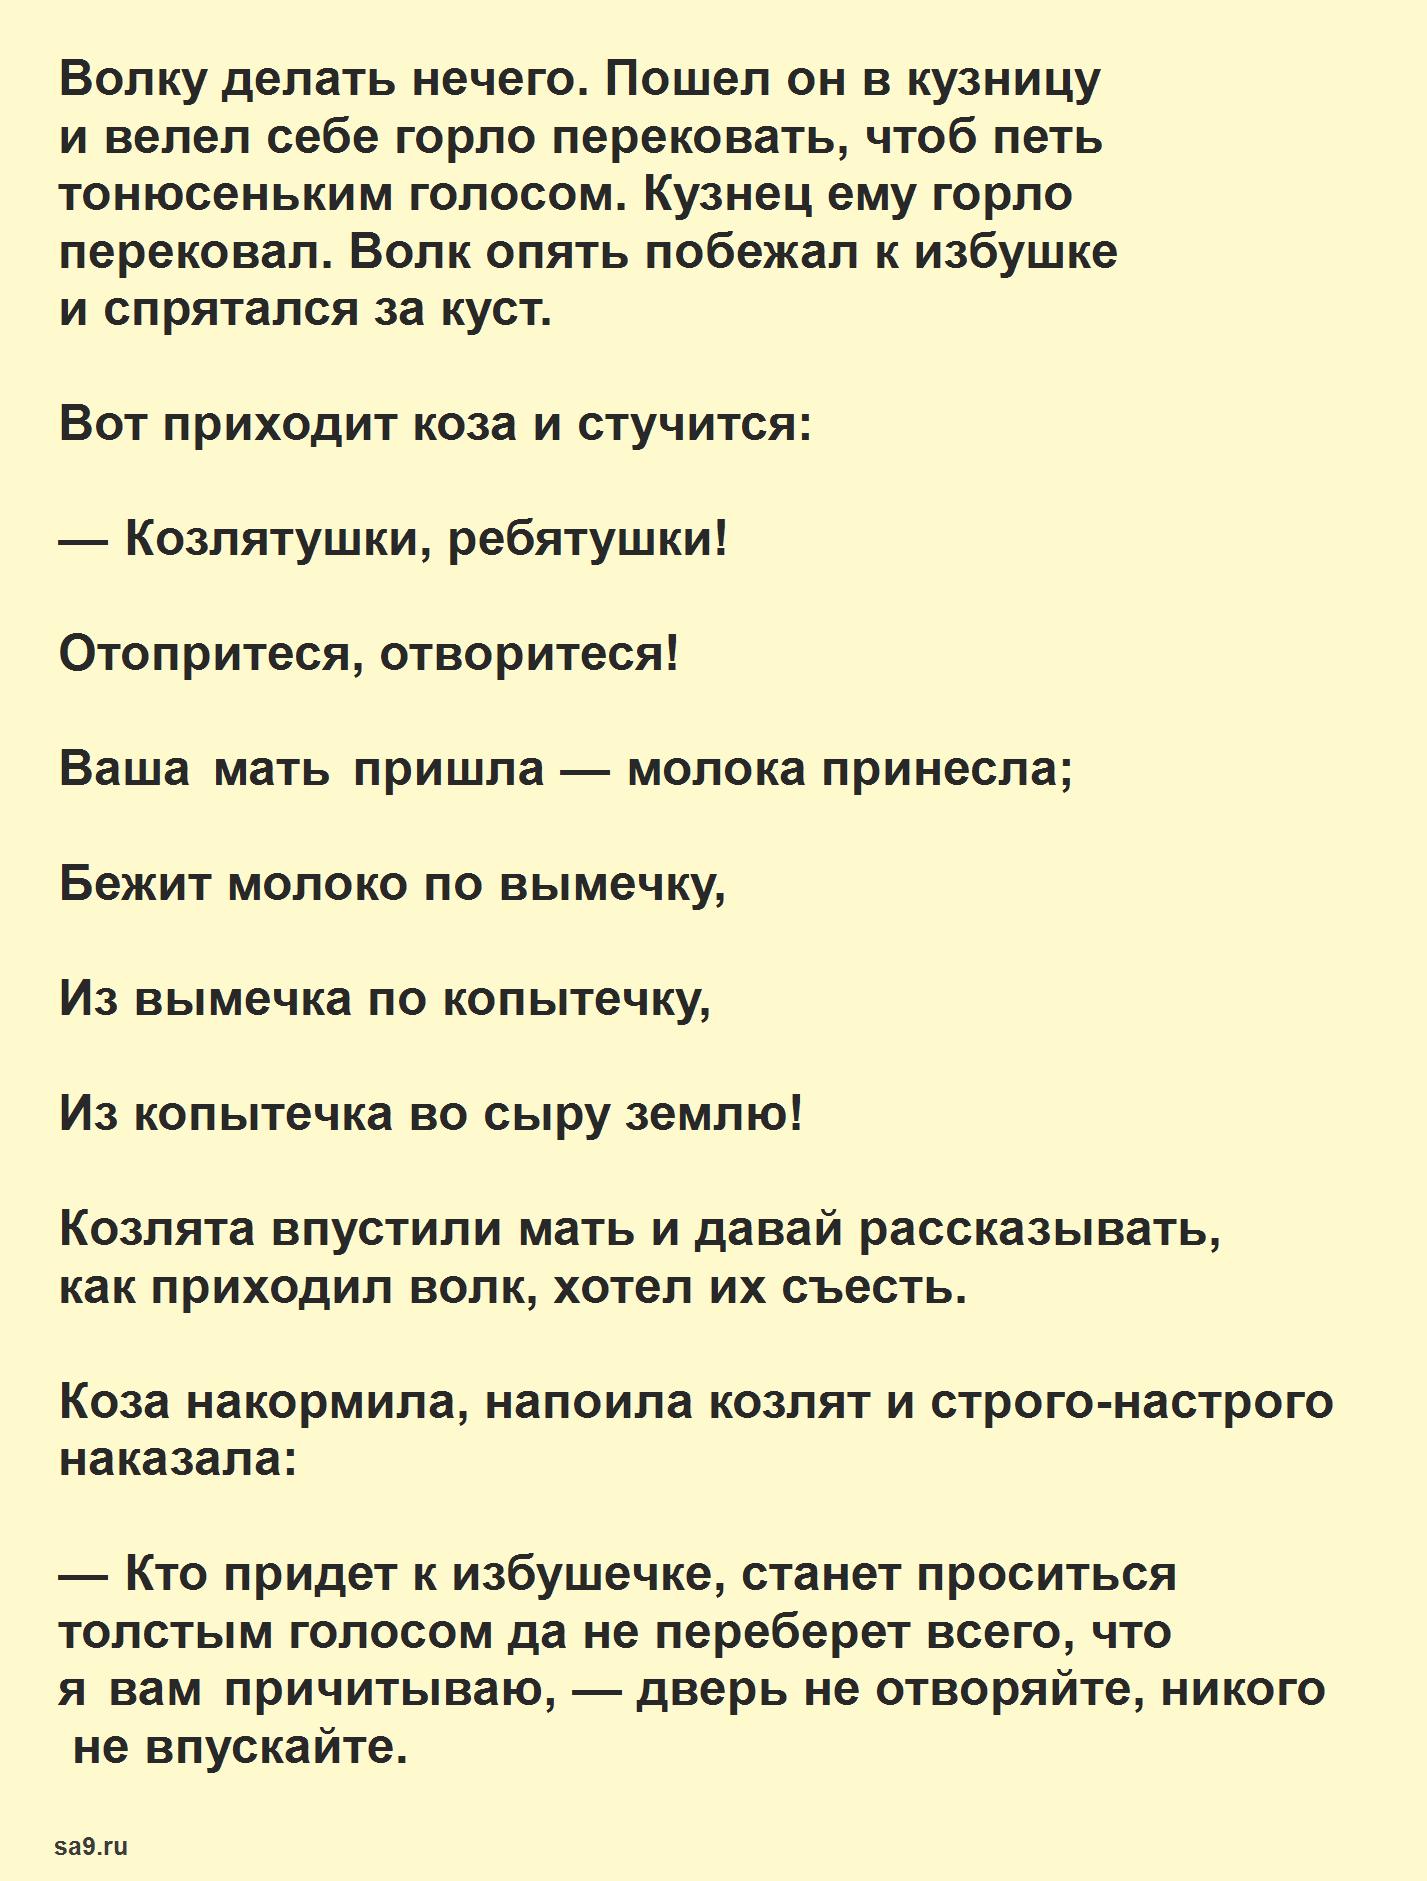 Русская народная сказка - Волк и семеро козлят, читать онлайн бесплатно